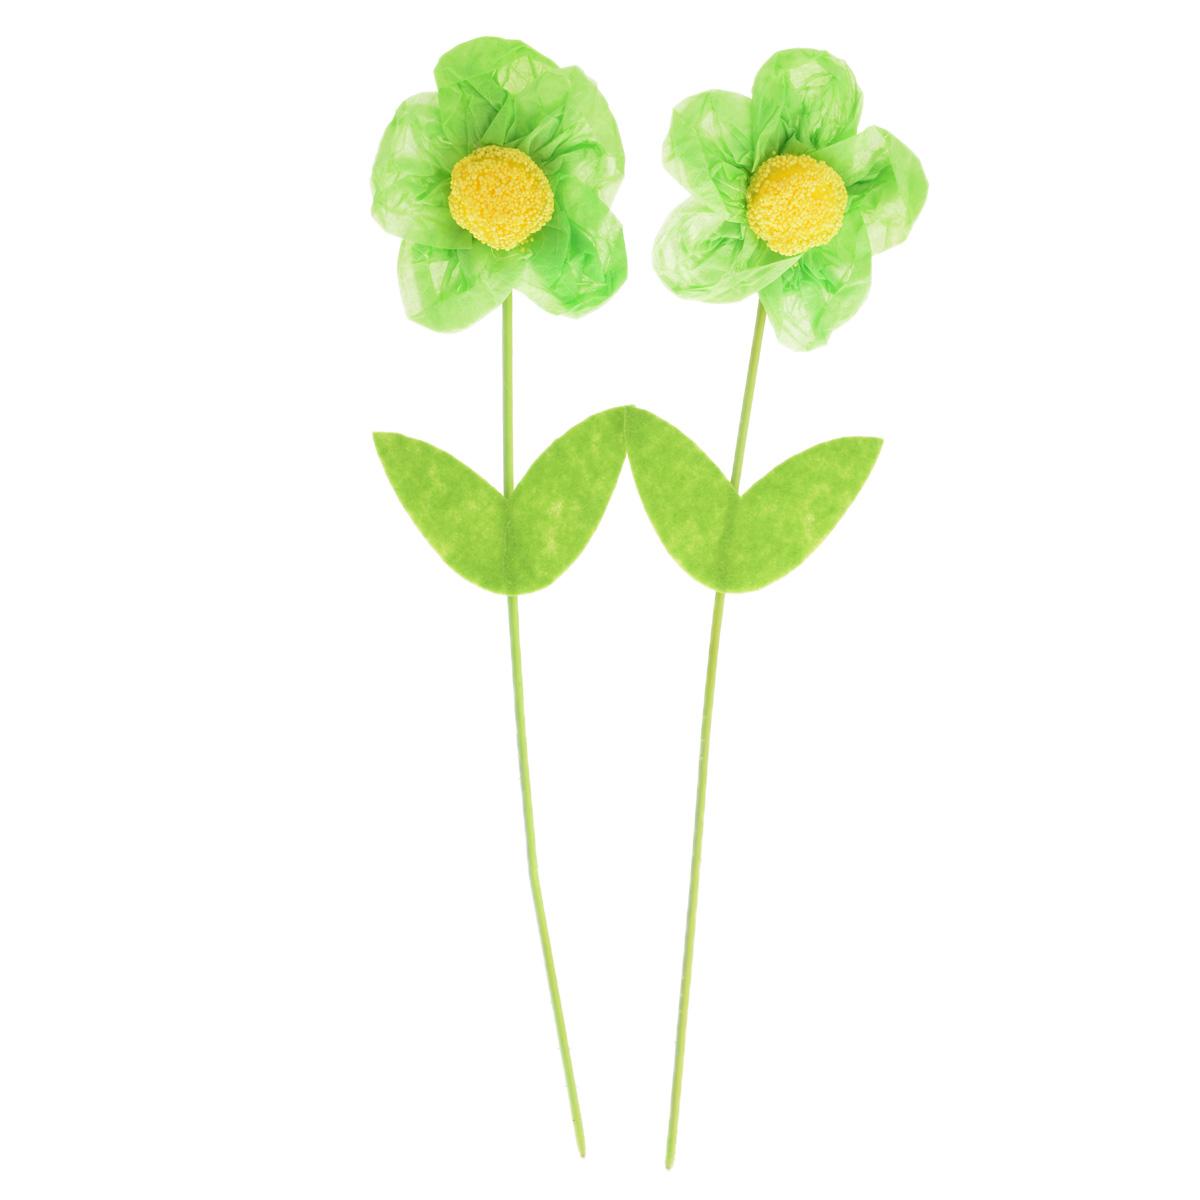 Набор декоративных украшений Home Queen Цветок, цвет: зеленый, 2 шт, высота 25 см26620Набор Home Queen Цветок состоит из двух декоративных украшений, изготовленных в виде цветов из бумаги, пластика и полиэстера. Украшения помогут вам украсить дом, а также оформить подарки для ваших близких. В стебли цветков вставлена металлическая проволока, благодаря чему они легко гнутся. С помощью таких украшений вы сможете оживить интерьер по своему вкусу.Высота цветка: 25 см.Диаметр цветка: 5,5 см.